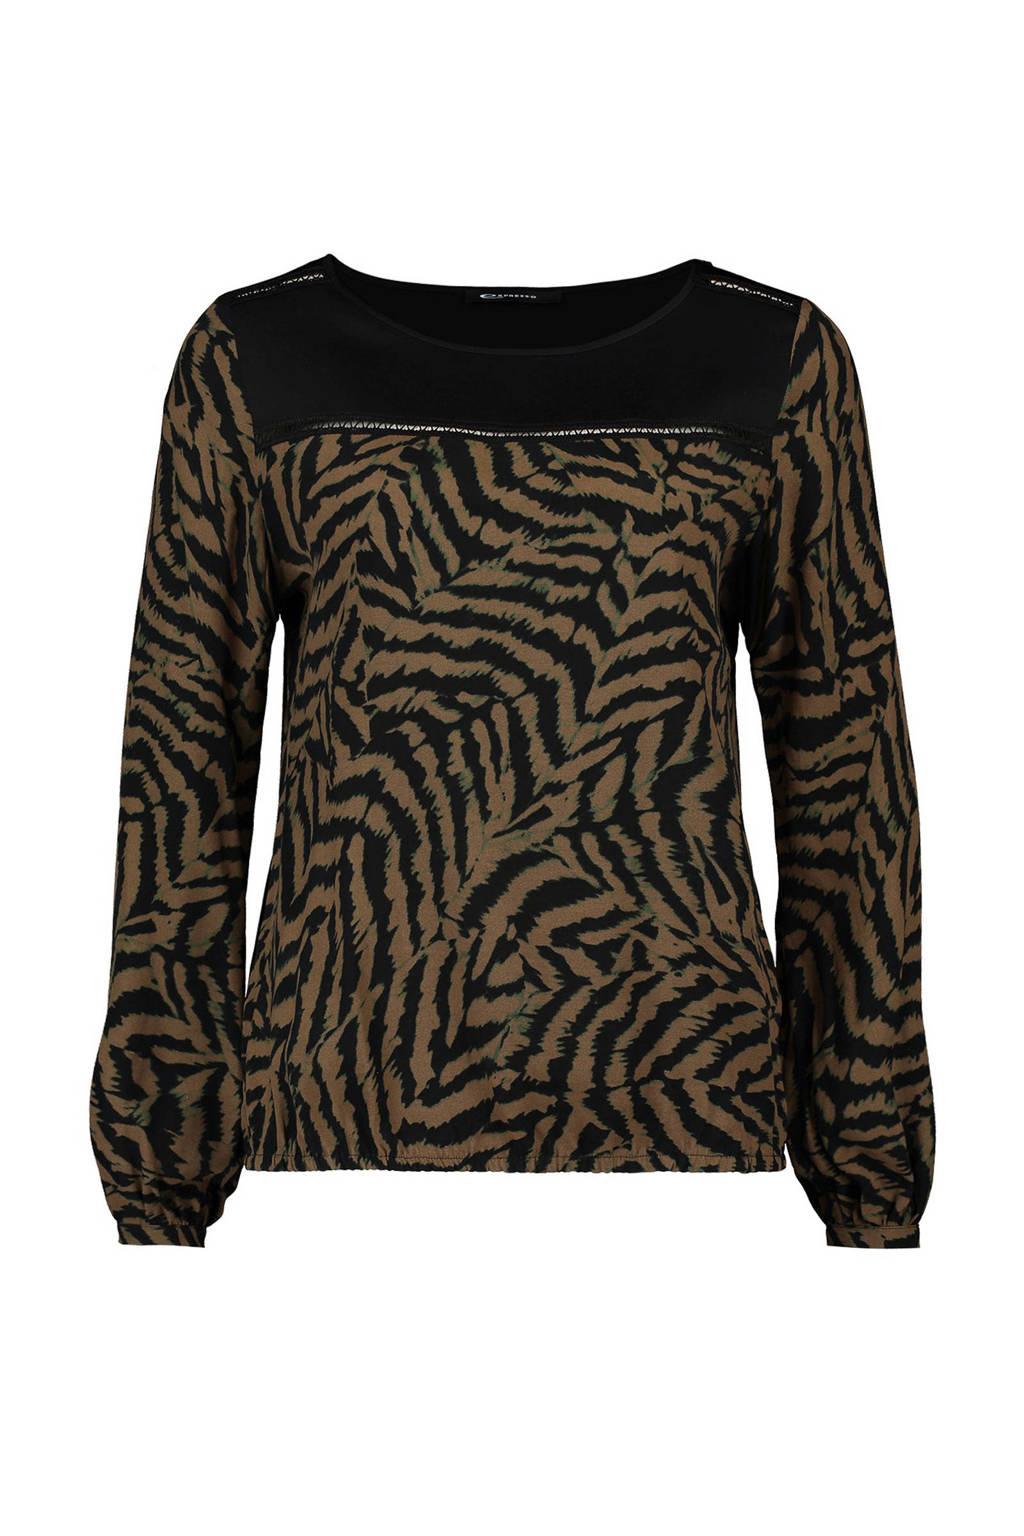 Expresso top met tijgerprint kaki, Kaki